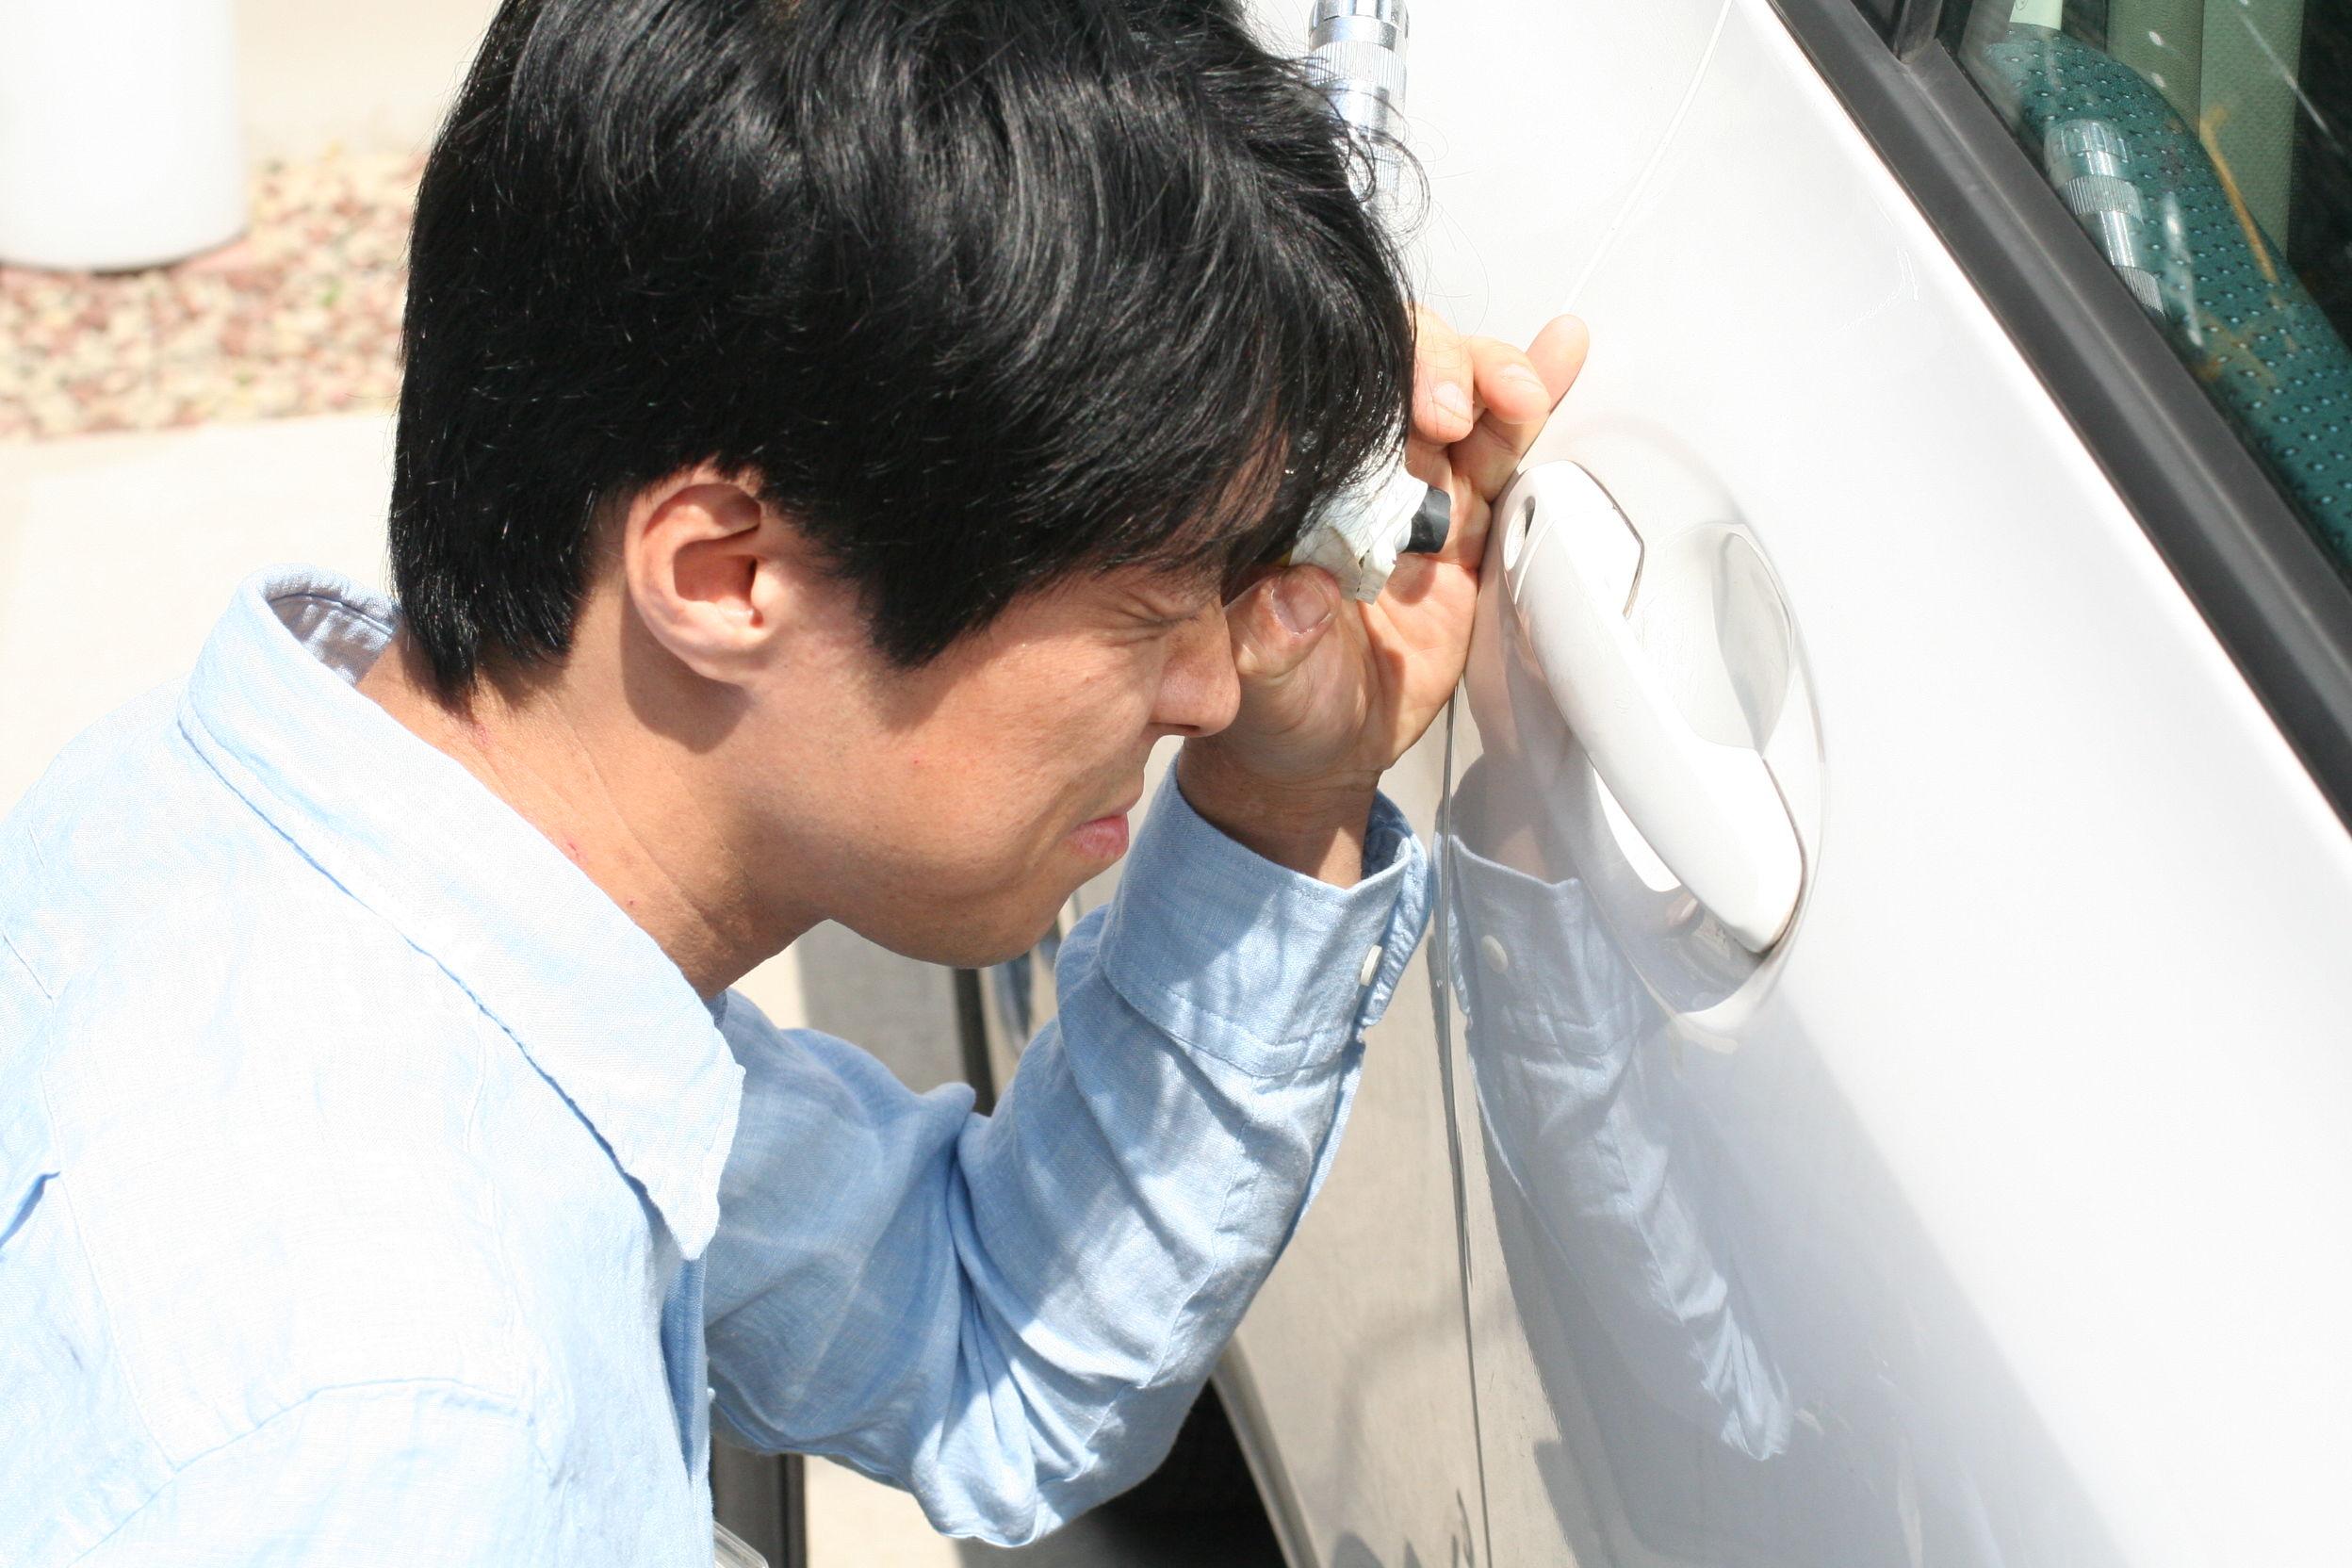 カギのトラブル救Q隊.24【龍ケ崎市 出張エリア】のメイン画像